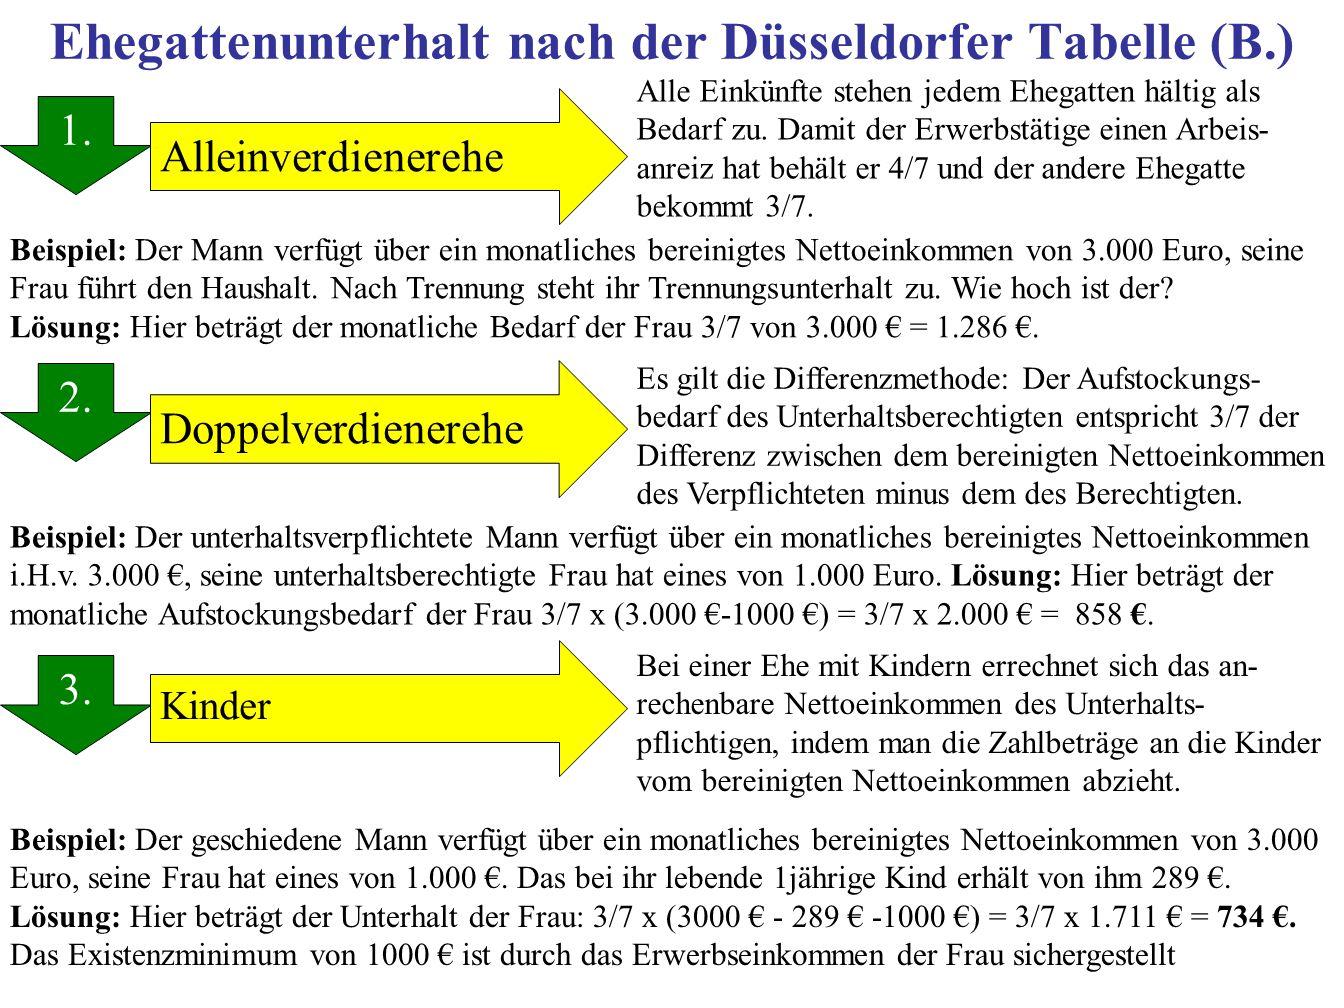 Ehegattenunterhalt nach der Düsseldorfer Tabelle (B.)